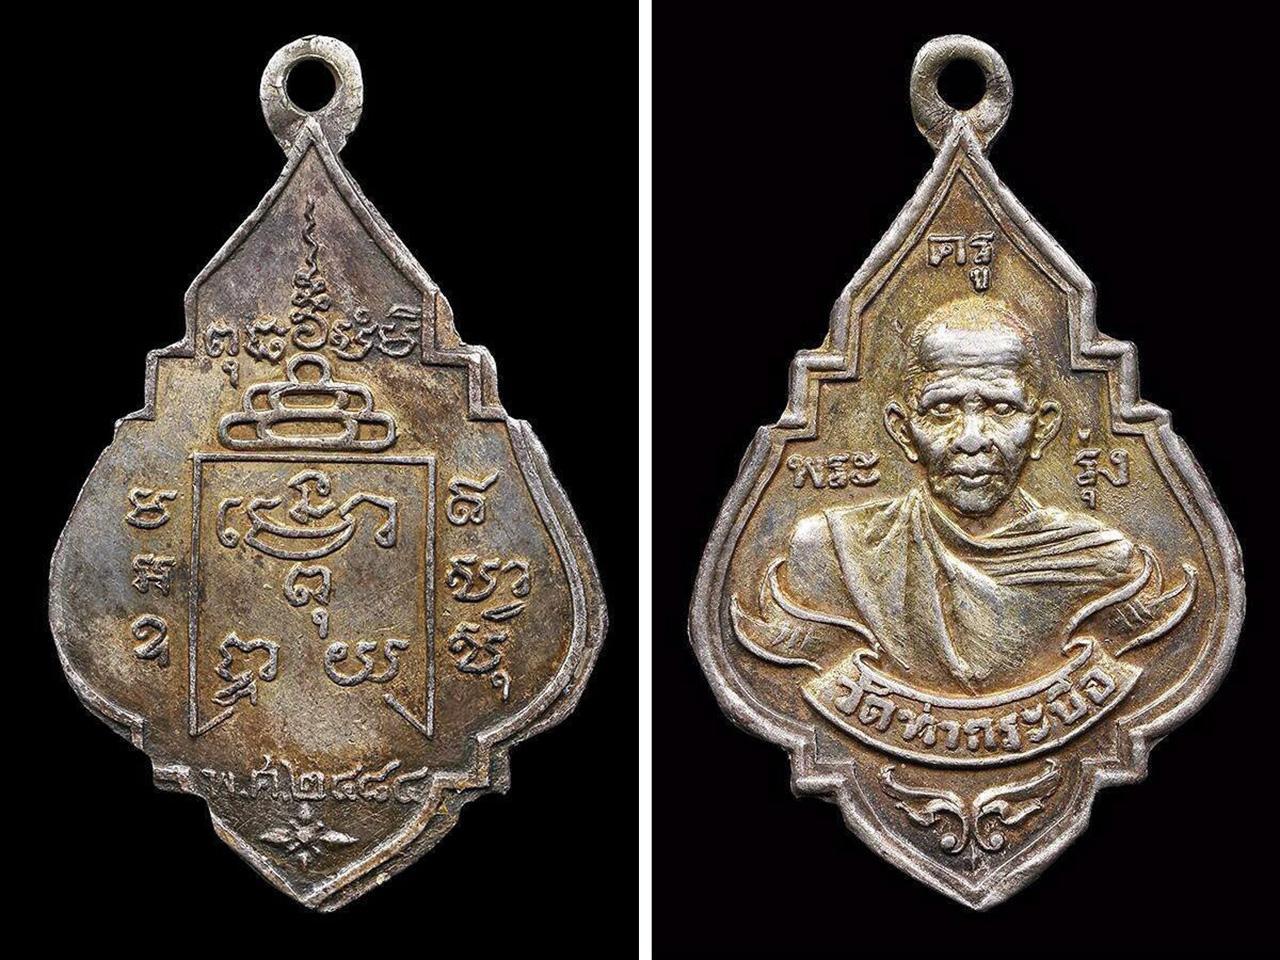 เหรียญรุ่นแรก บล็อกนิยม หน้าแก่ ยันต์หยิก เนื้อเงิน 2484 หลวงพ่อรุ่ง วัดท่ากระบือ ของ กำนันมานะ คงวุฒิปัญญา.